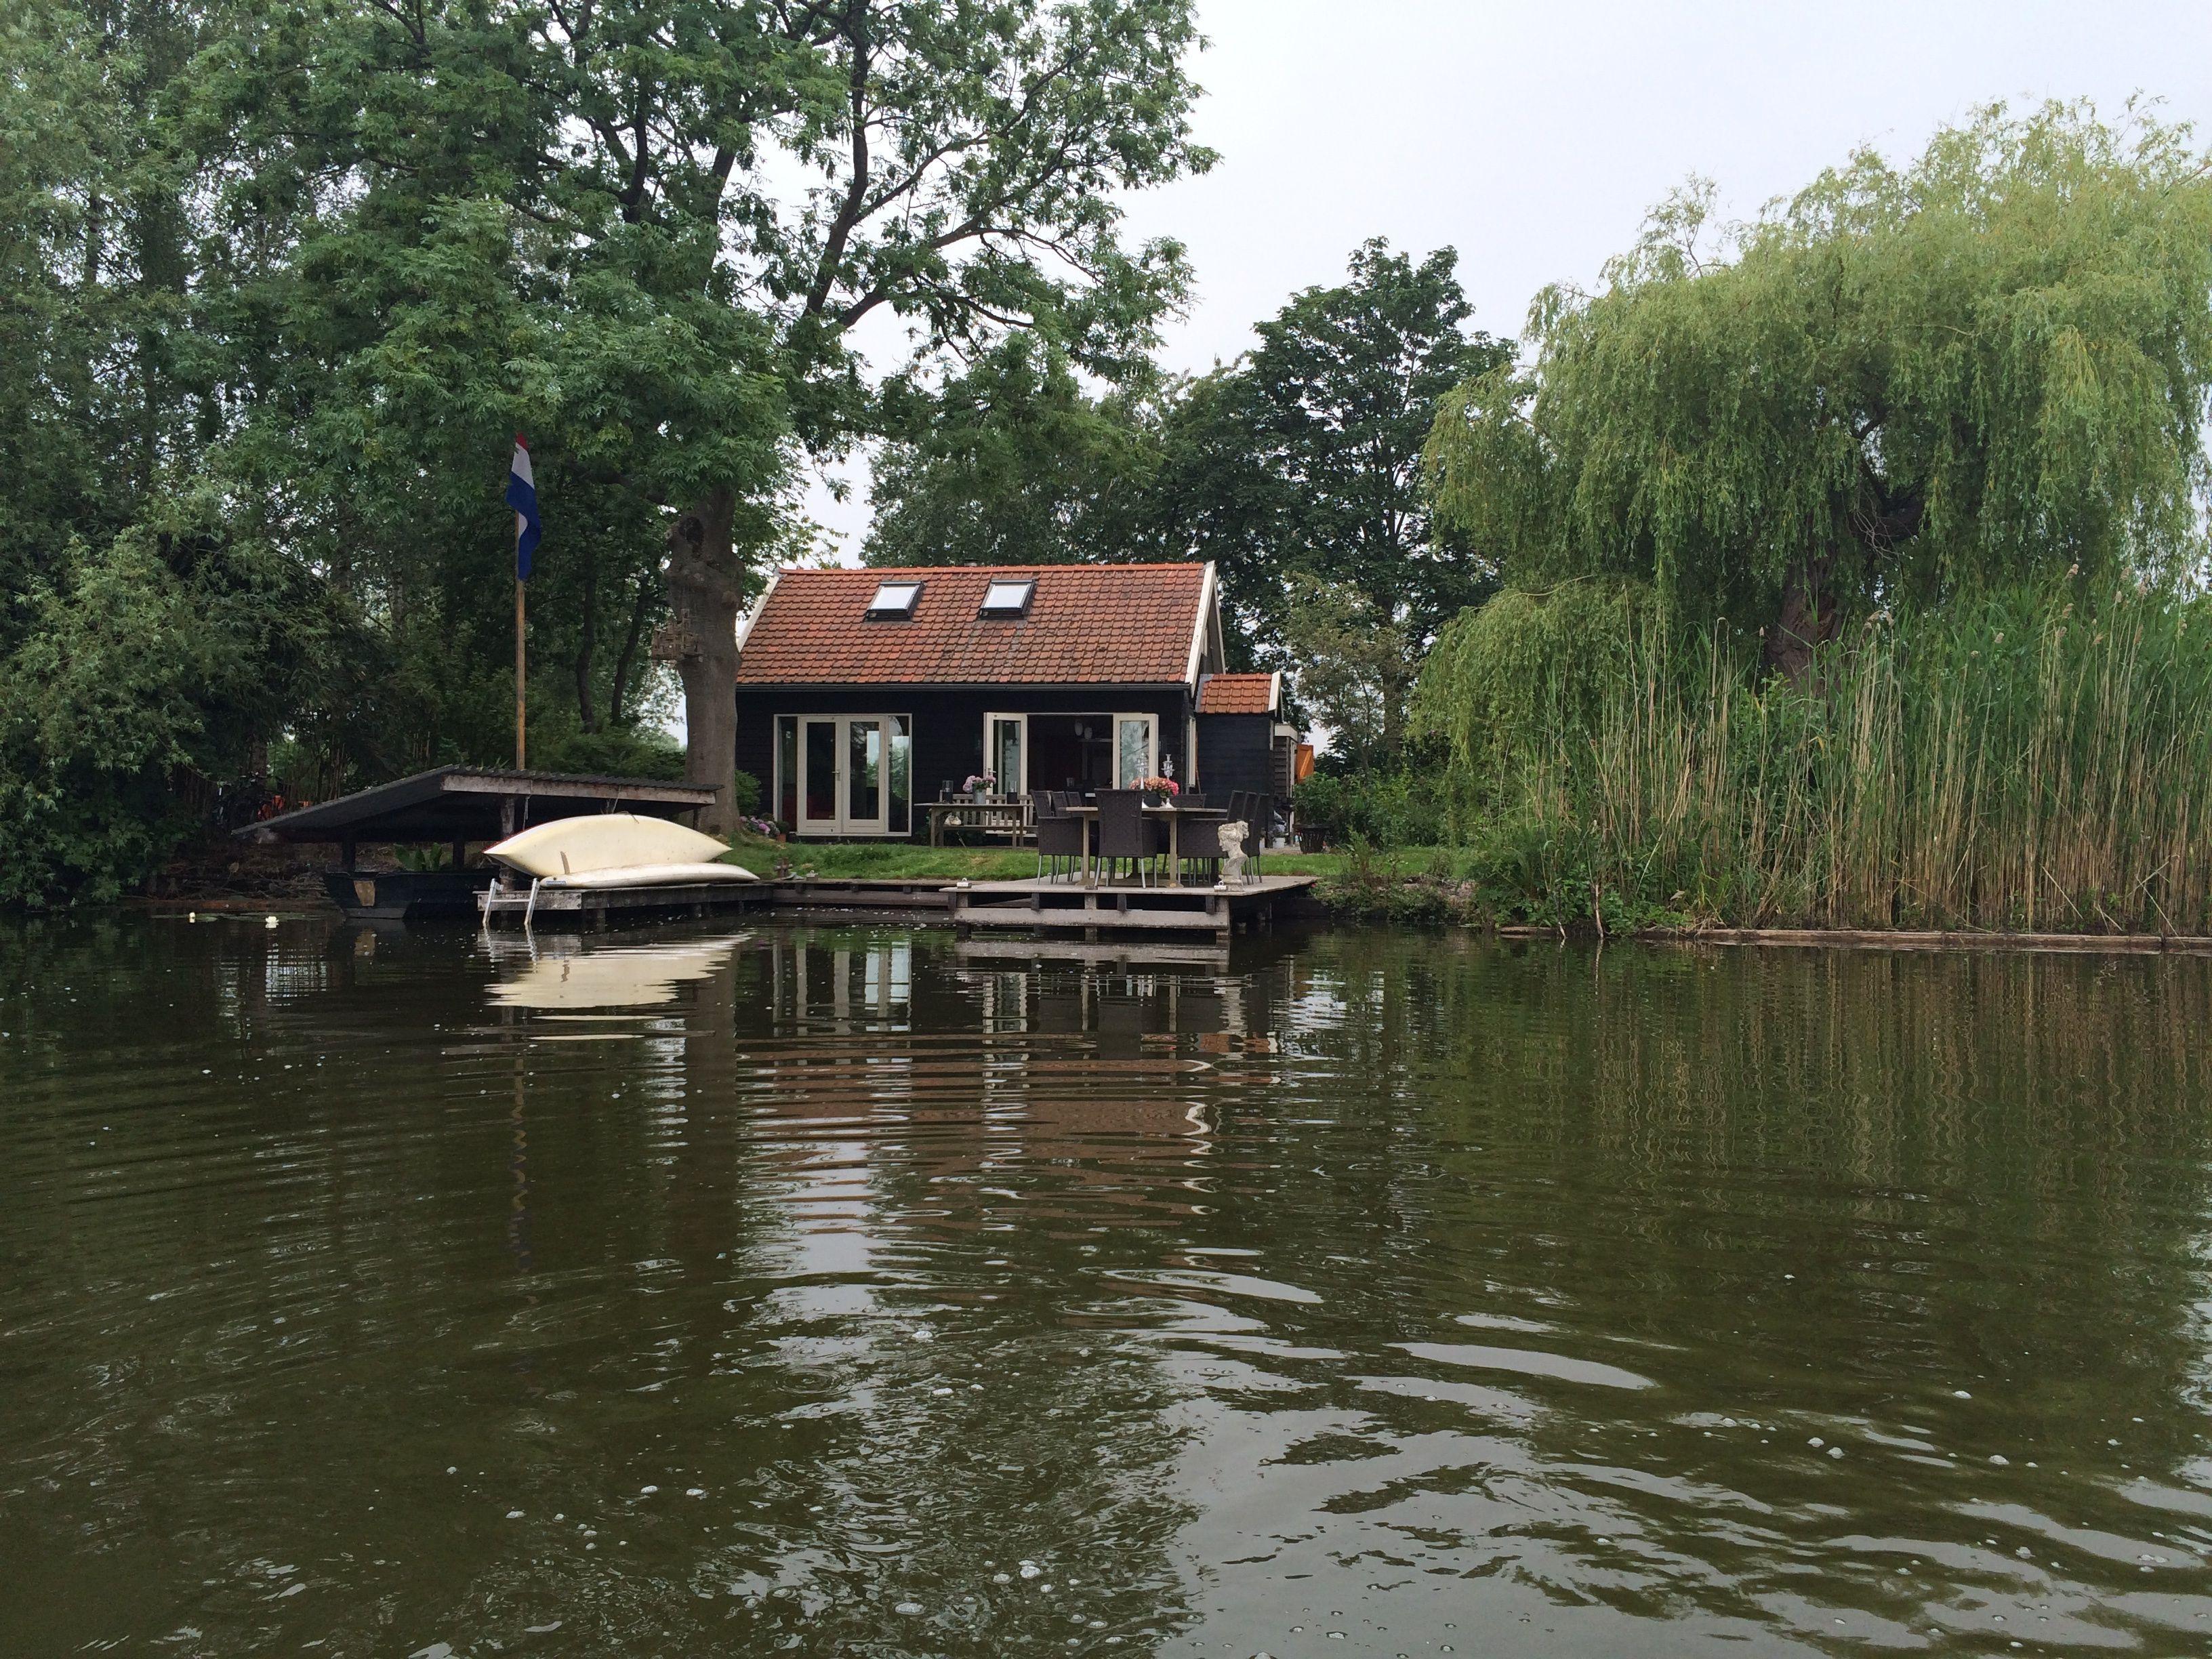 Pin Von Ulrich Venkord Auf Real Life Ferienhaus Natur Haus Und Ferienhaus Holland